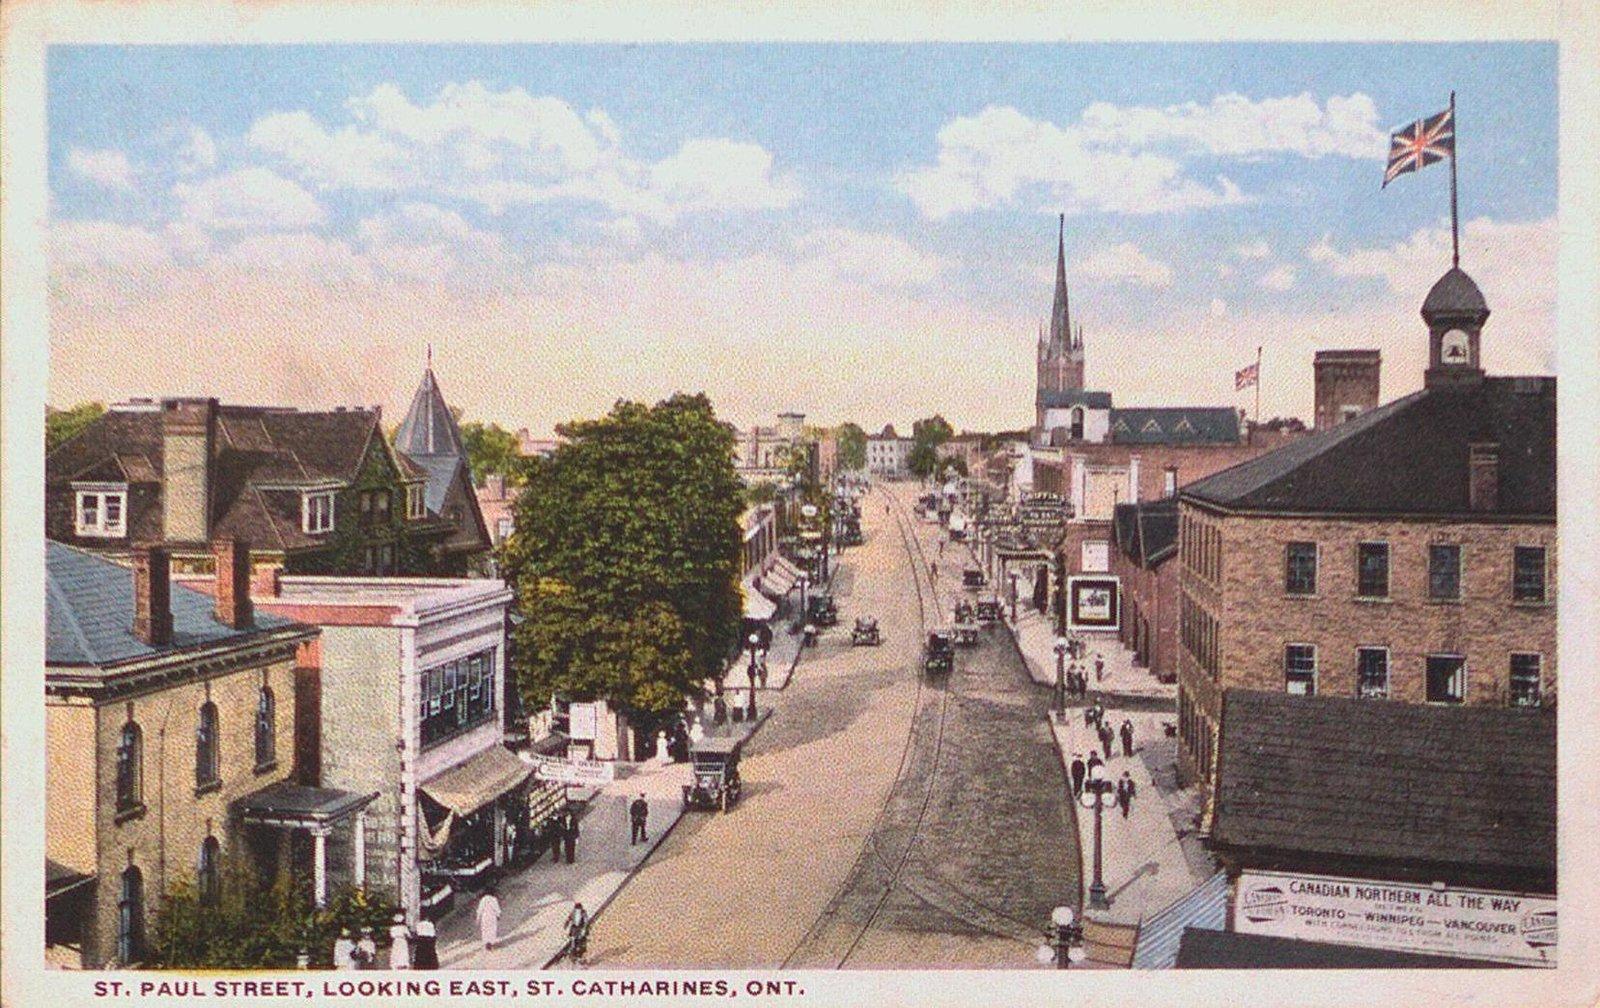 St. Paul Street, looking east